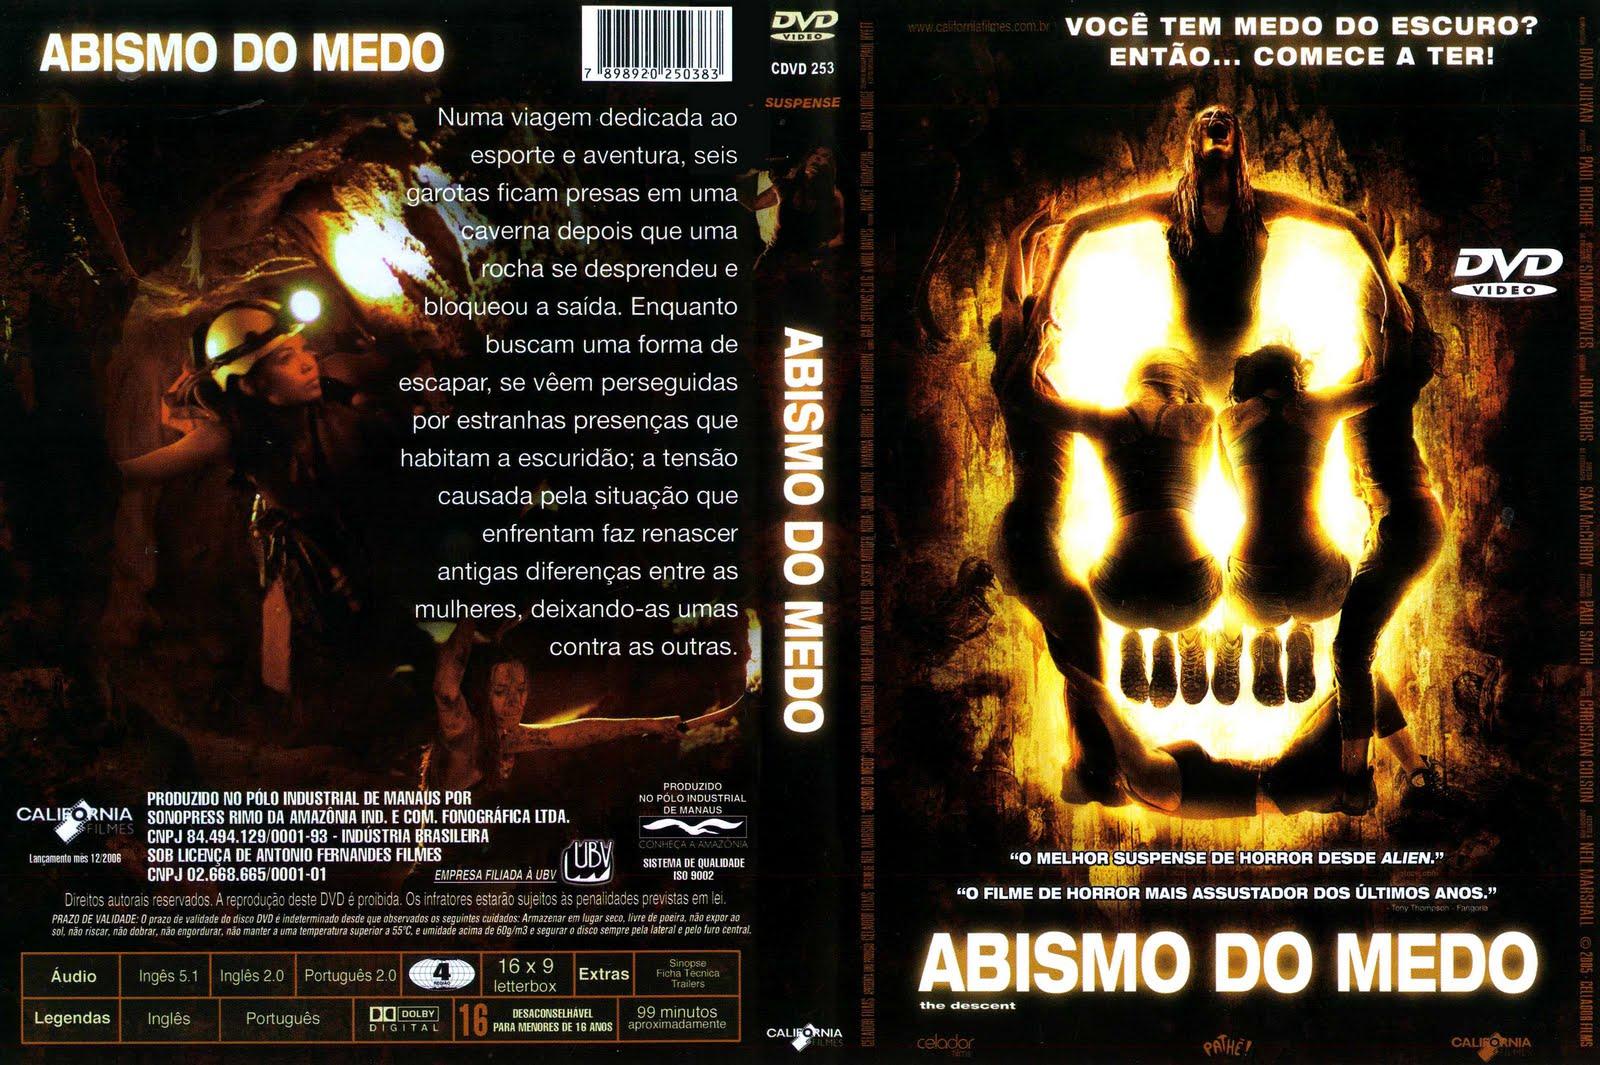 Abismo do Medo (2005) Torrent – Dublado BluRay Rip 1080p